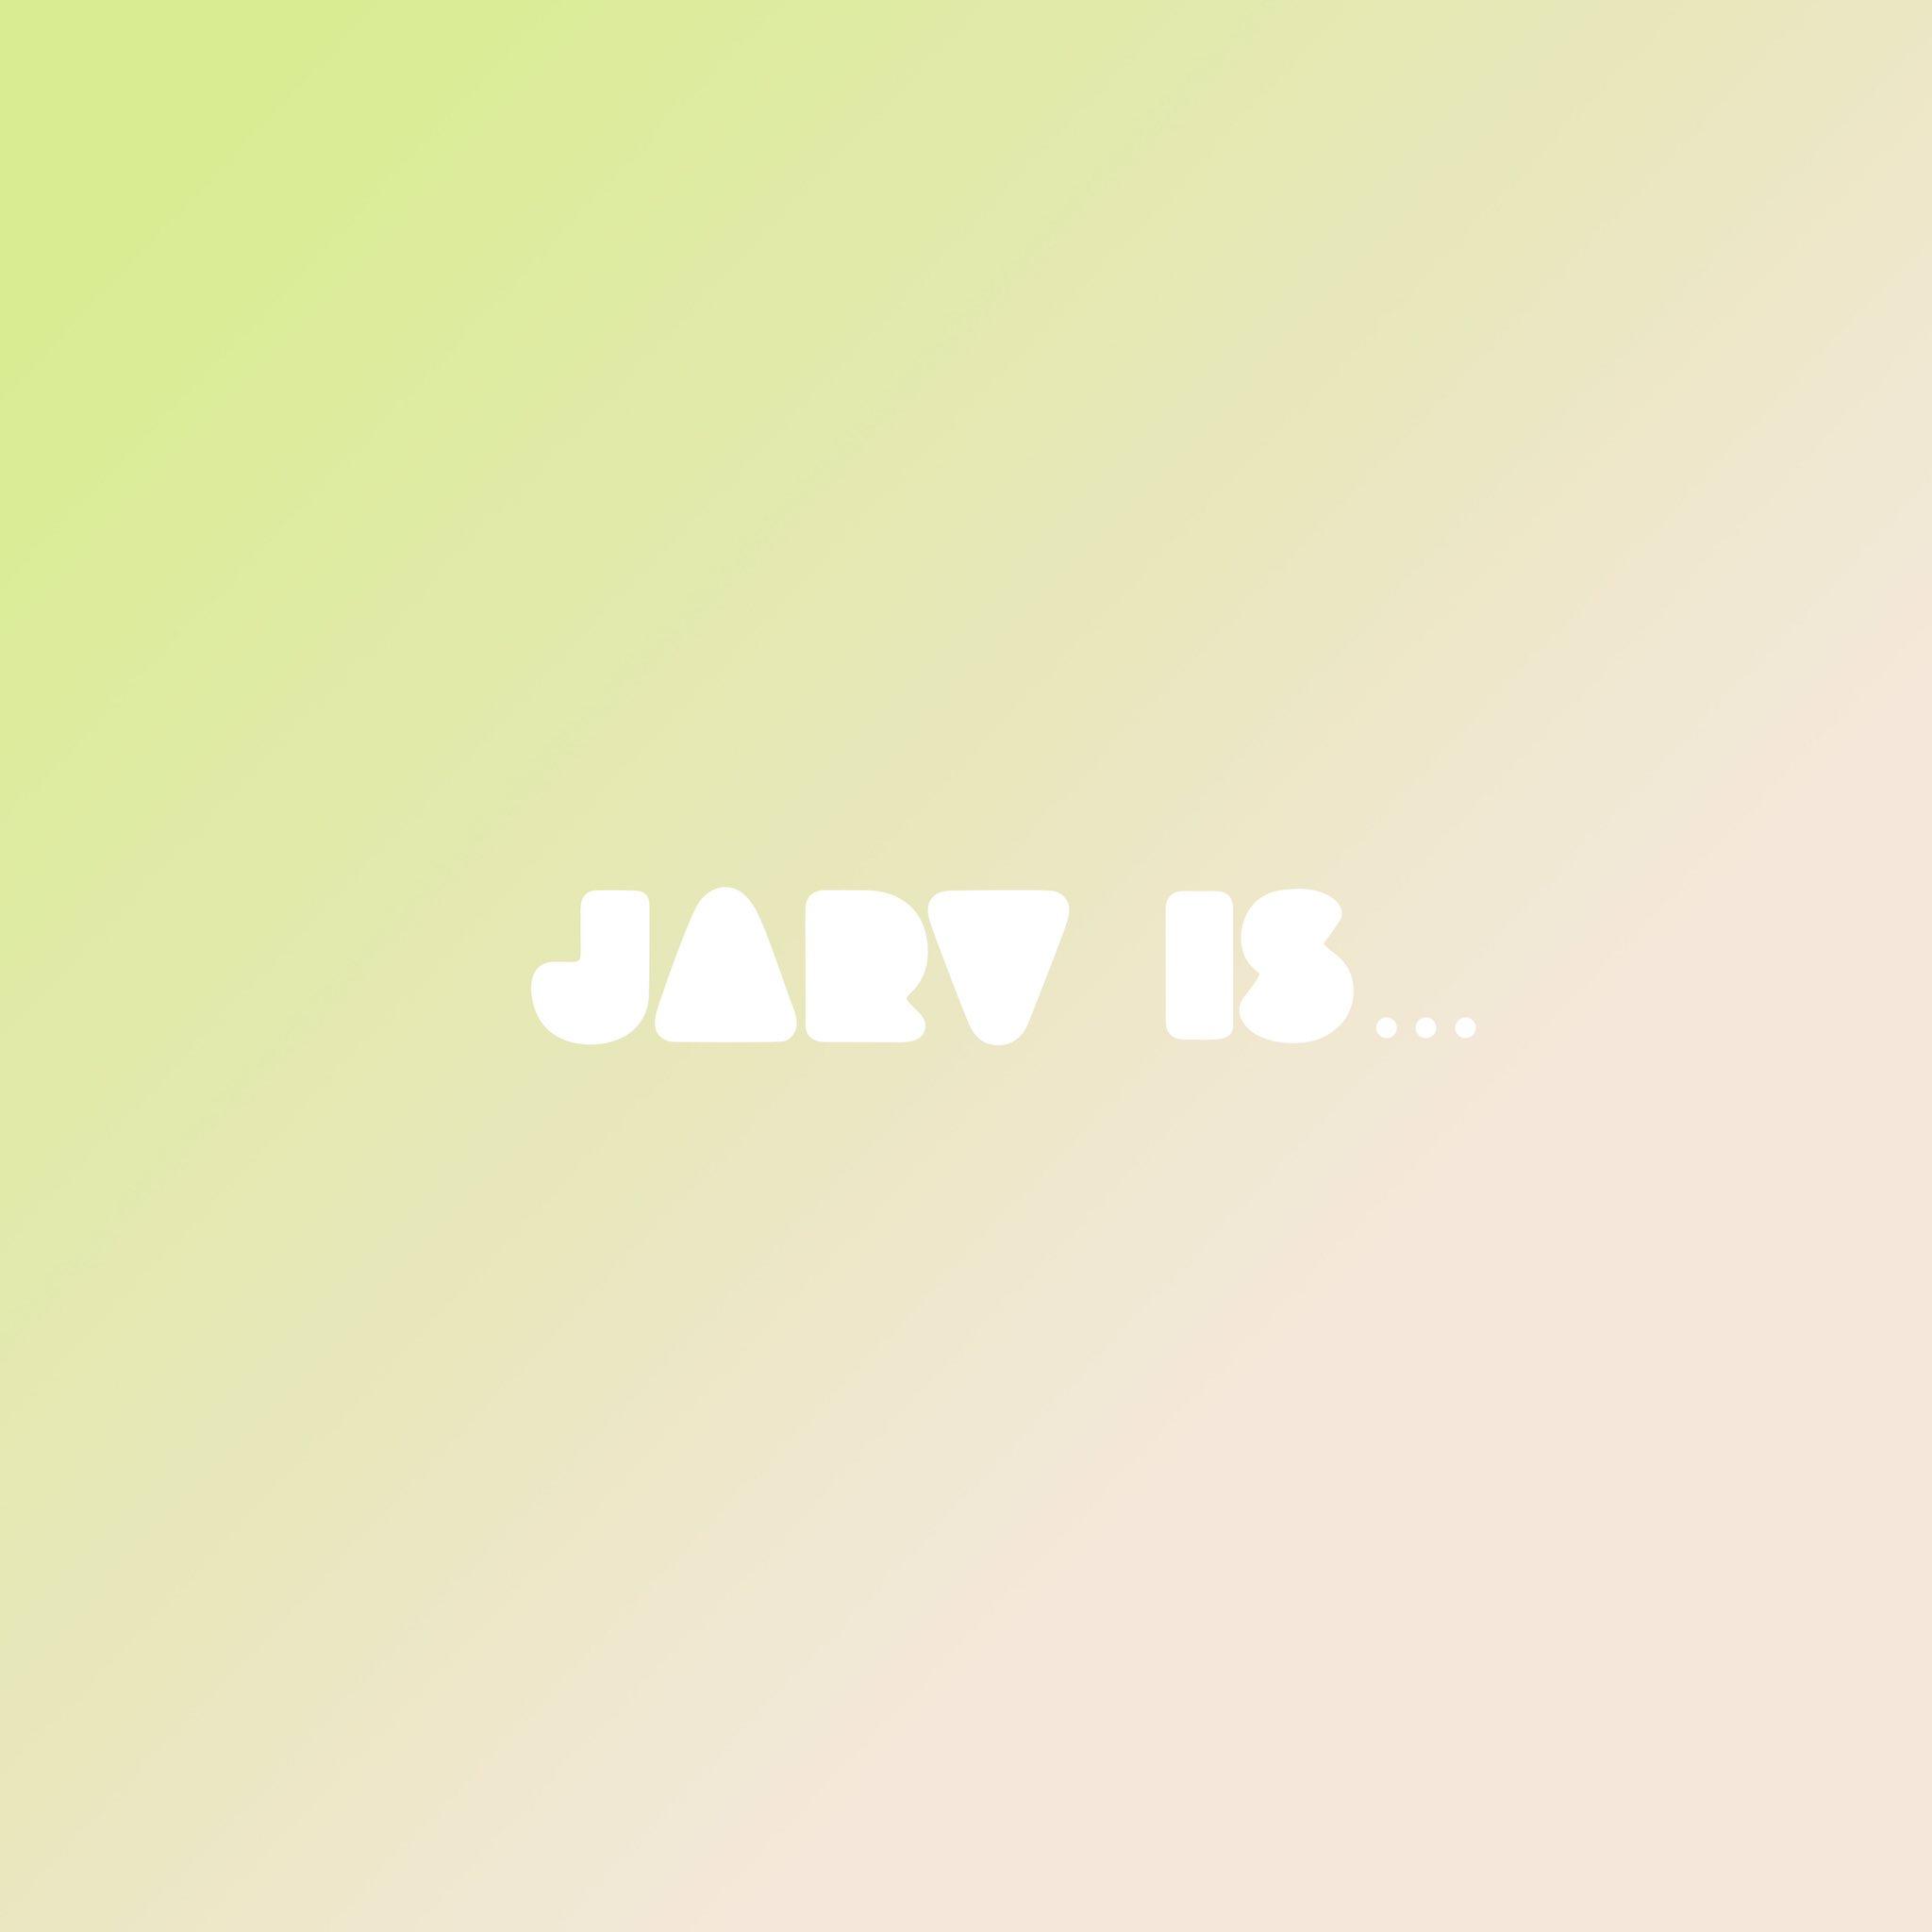 JARV IS...